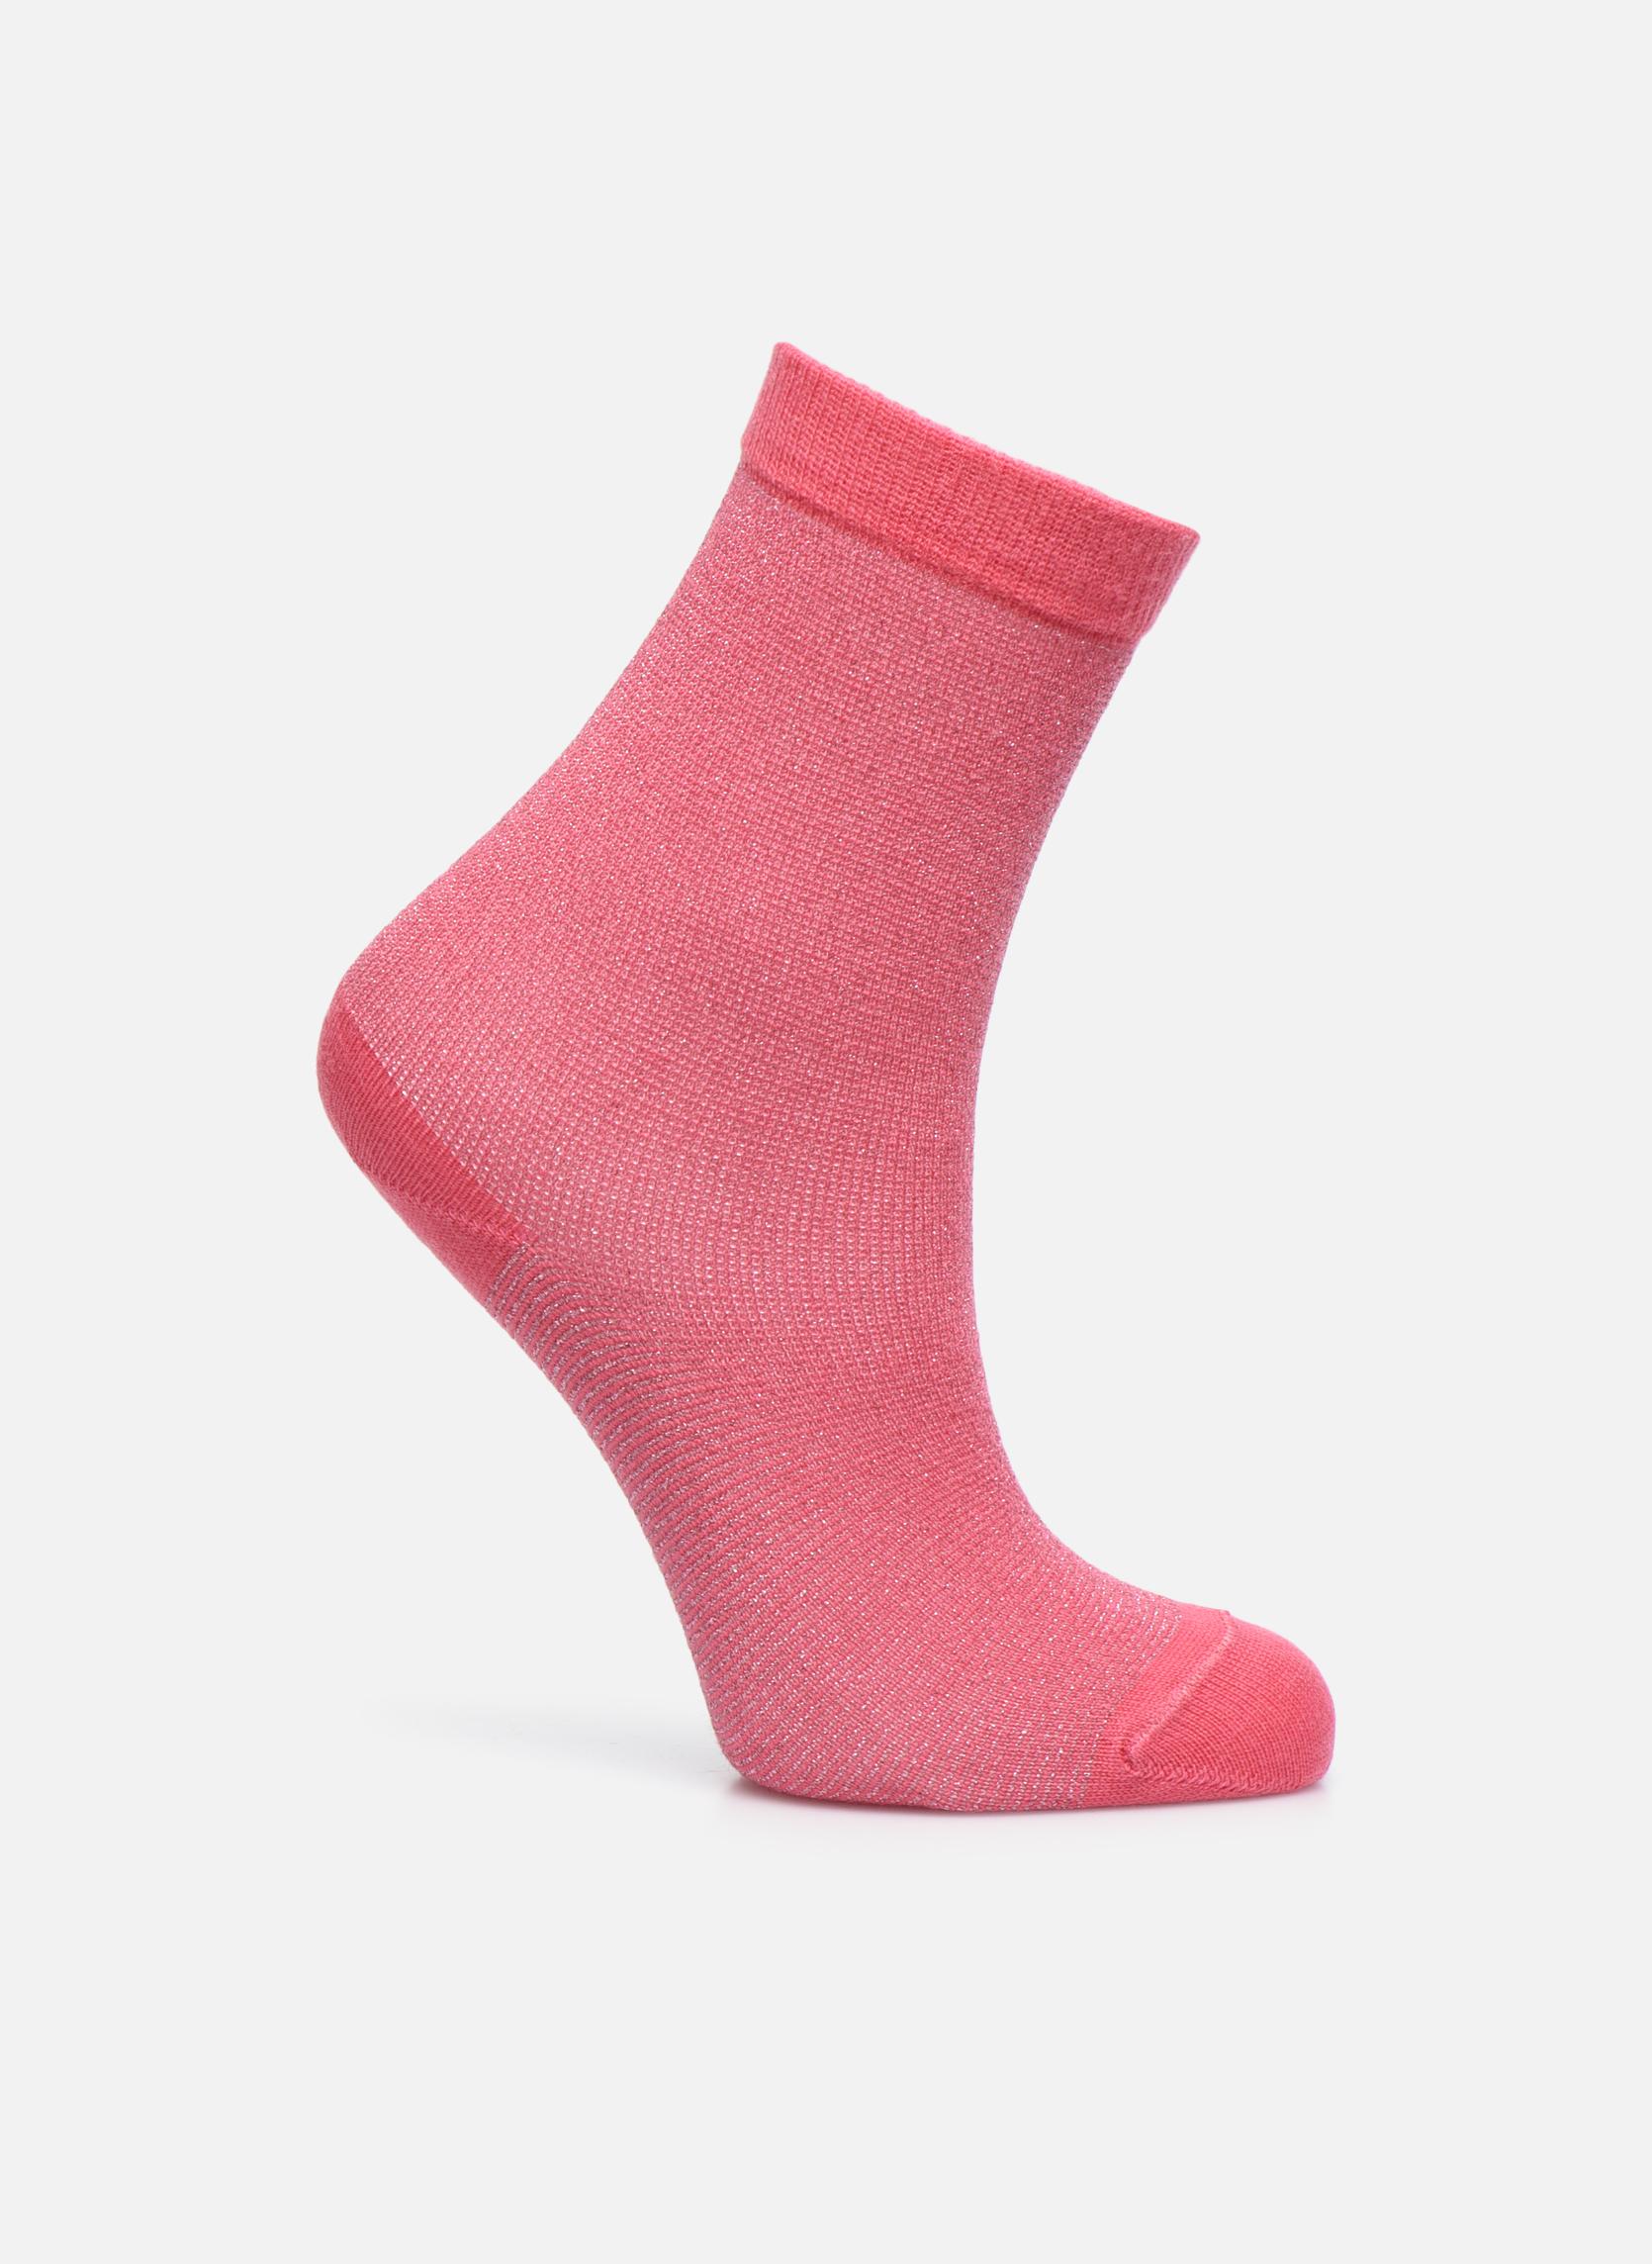 Socken GLITTER 051 - rose